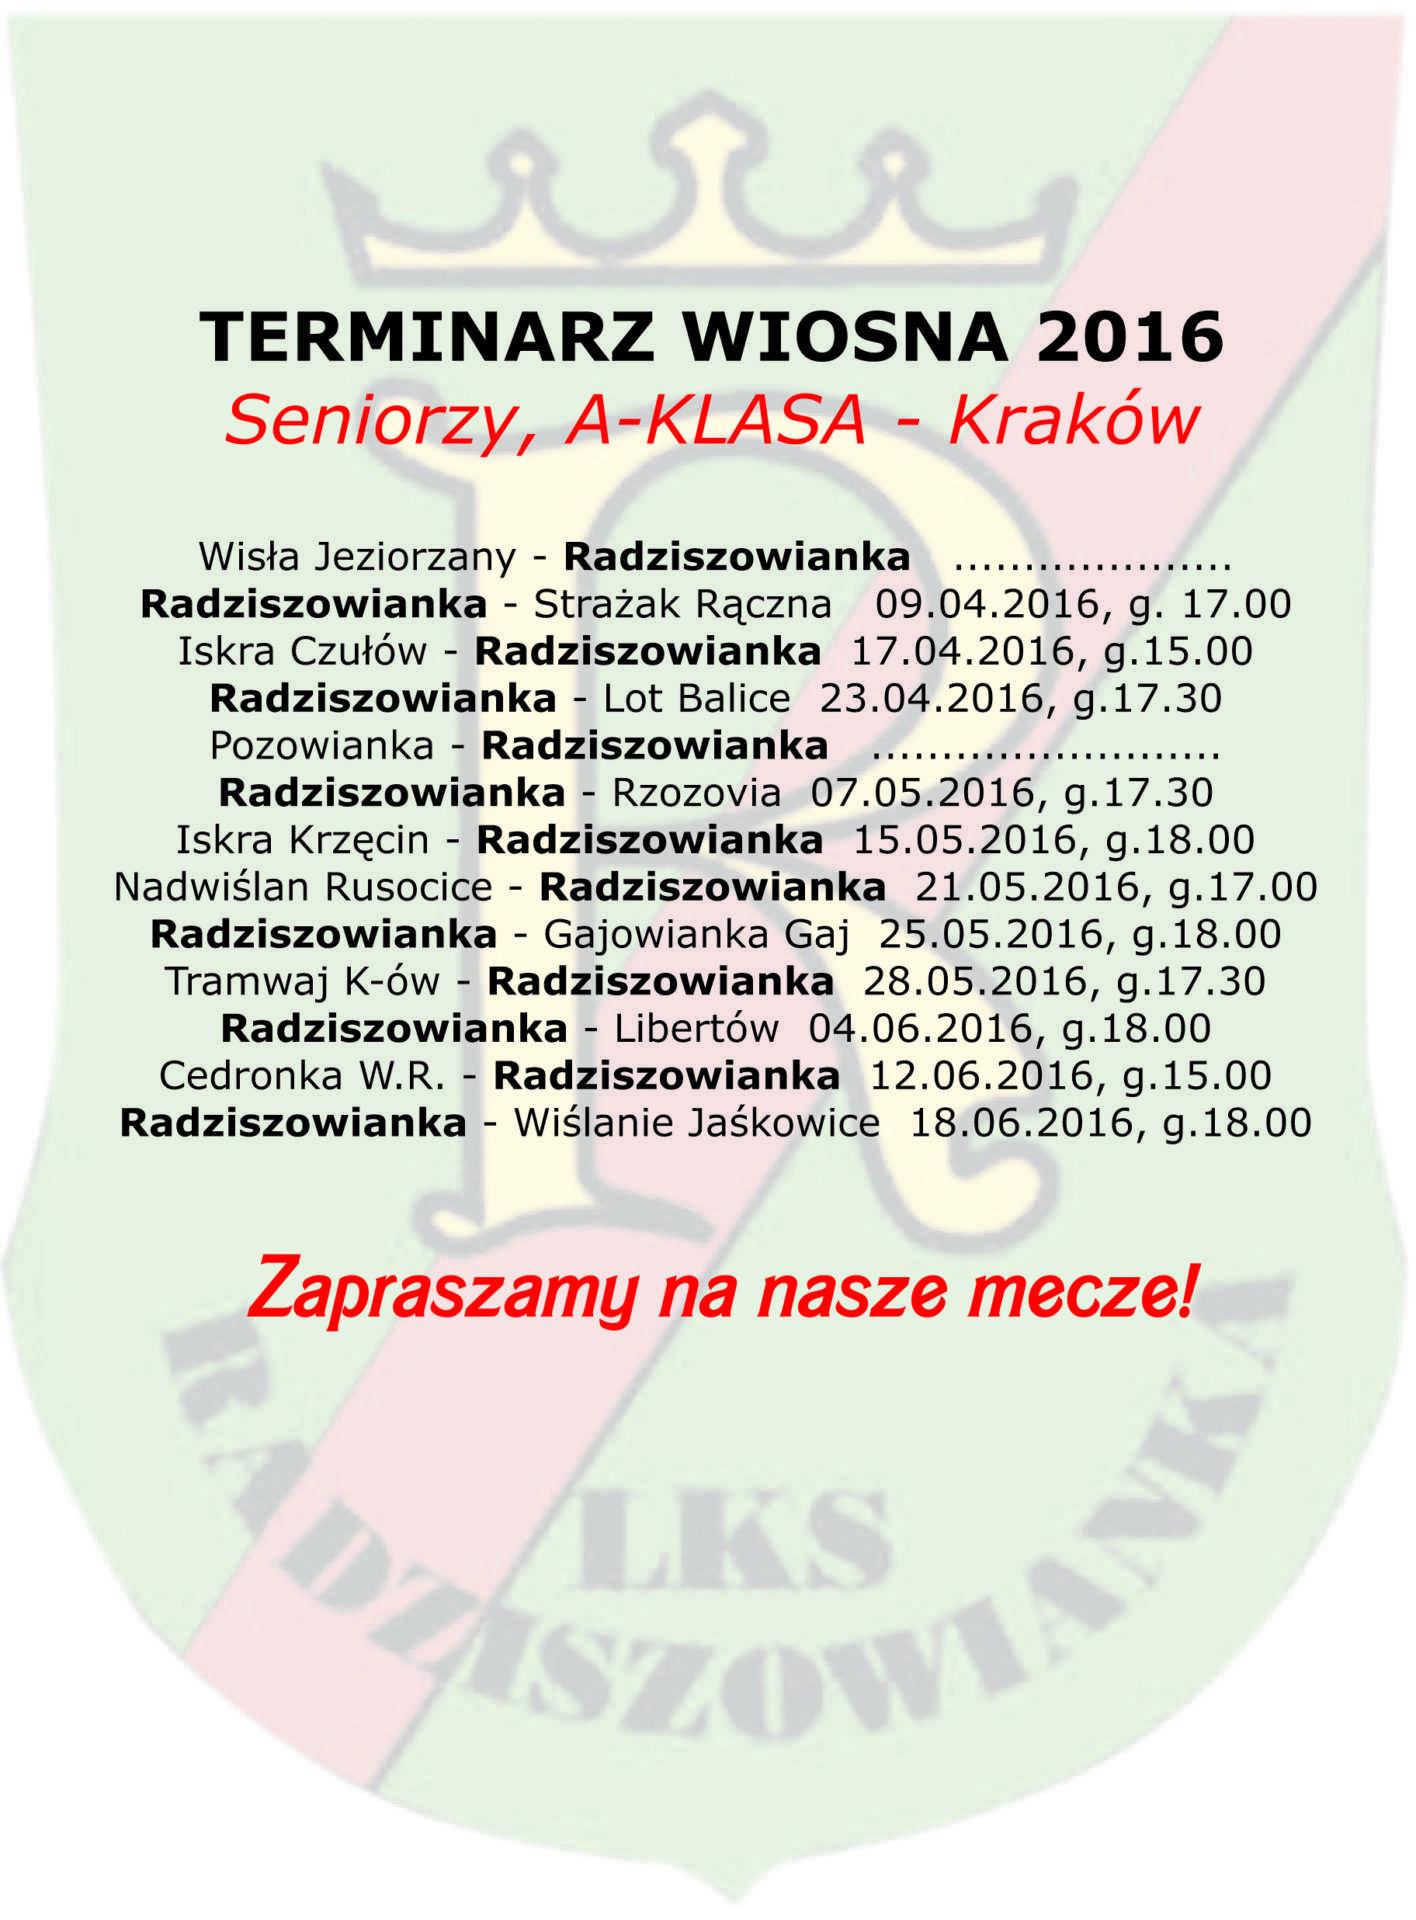 terminarz wiosna 2016 seniorzy radziszowianka kopia (2)